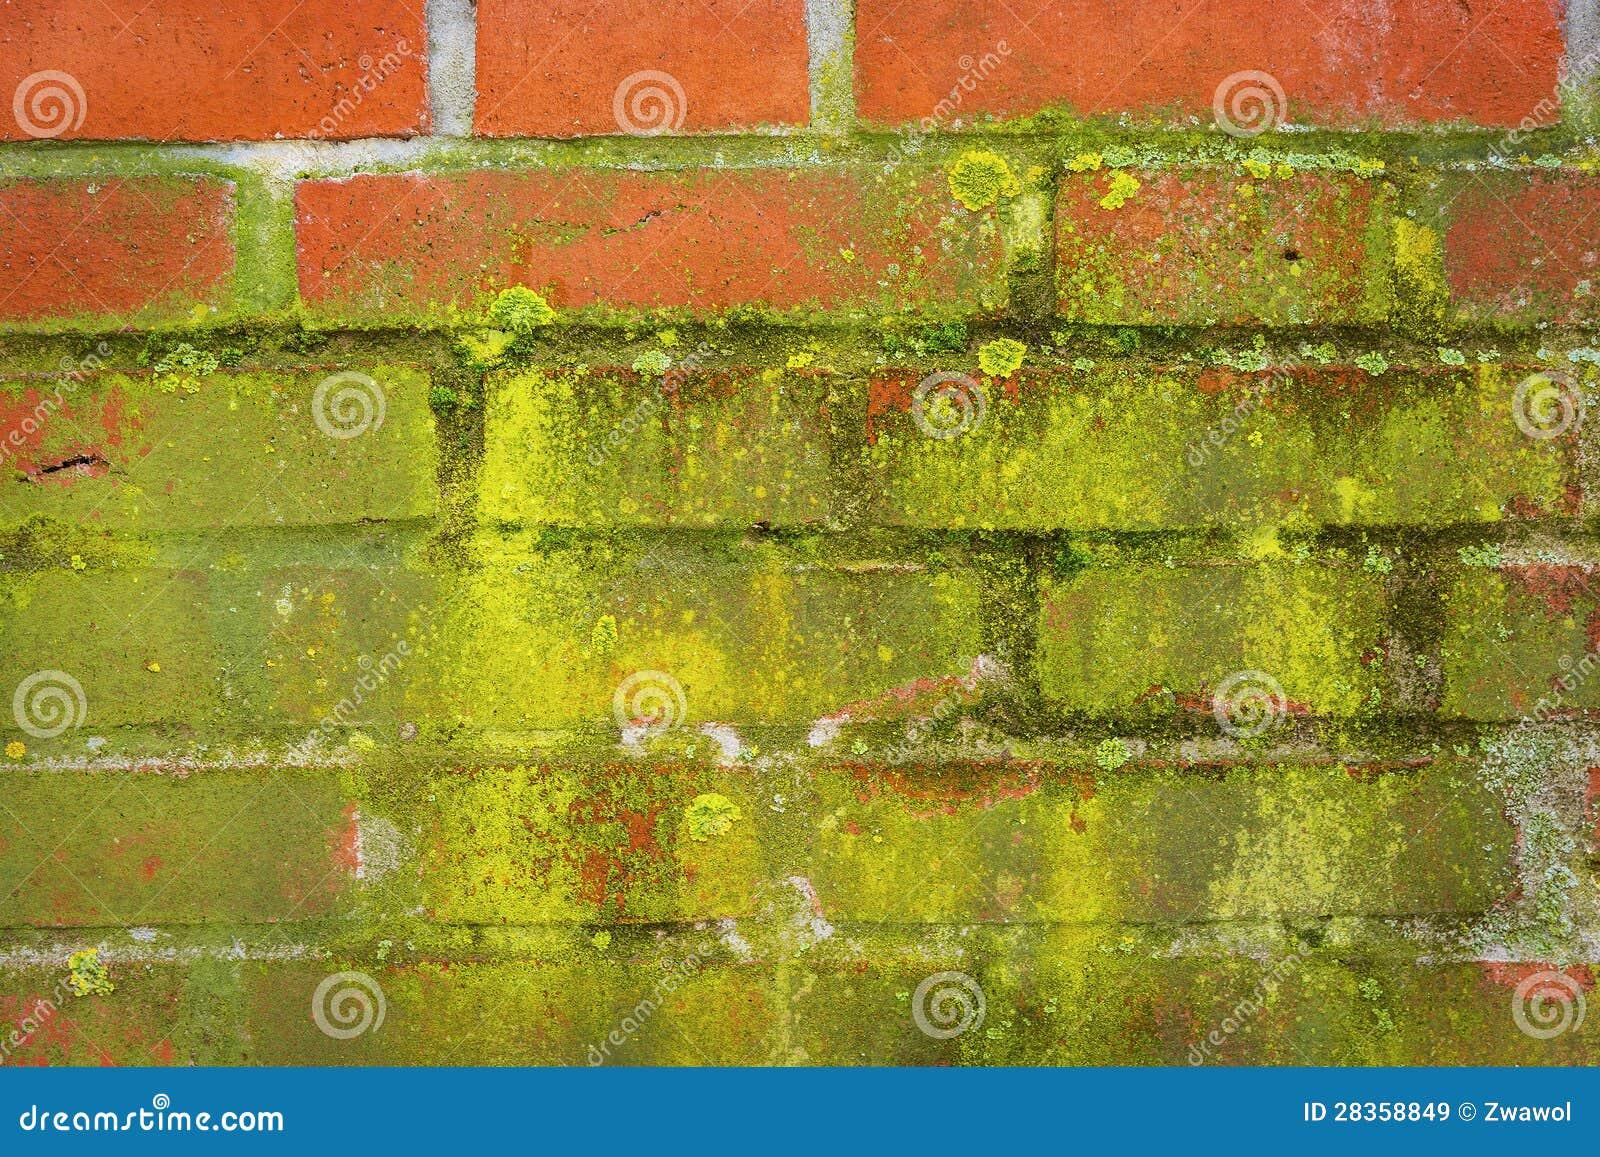 Enlever la mousse sur un mur exterieur 28 images mousse verte sur un mur images libres de - Enlever la mousse sur un mur exterieur ...